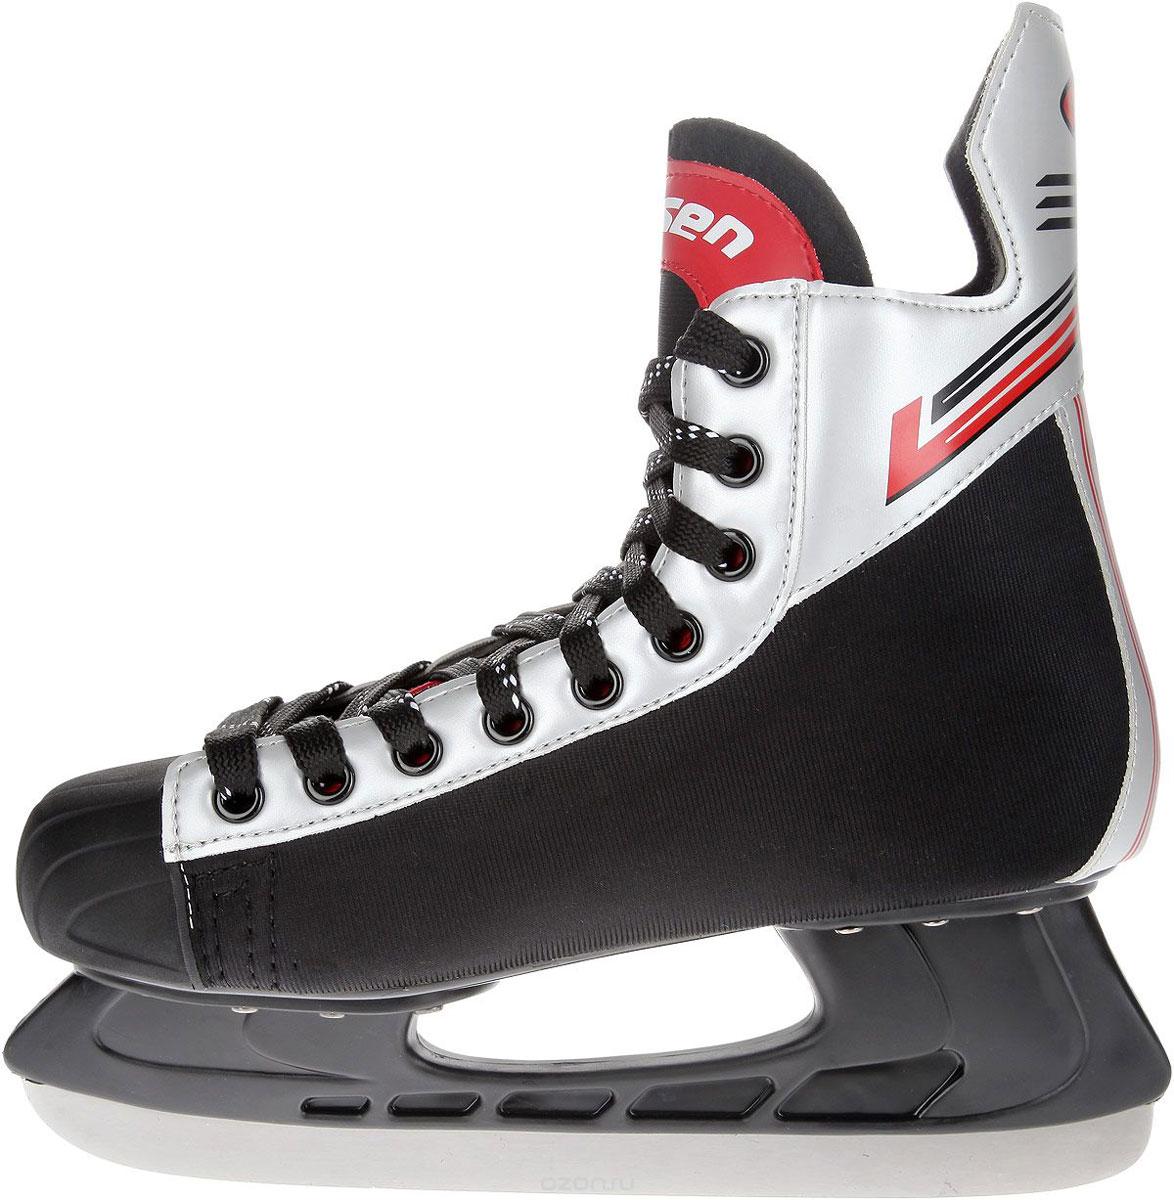 Коньки хоккейные мужские Larsen Alex, цвет: черный, серебристый, красный. Размер 41AlexСтильные коньки Alex от Larsen прекрасно подойдут для начинающих игроков в хоккей. Ботинок выполнен из нейлона и морозоустойчивого поливинилхлорида. Мыс дополнен вставкой из полиуретана, которая защитит ноги от ударов. Внутренний слой изготовлен из мягкого текстиля, который обеспечит тепло и комфорт во время катания, язычок - из войлока. Плотная шнуровка надежно фиксирует модель на ноге. Голеностоп имеет удобный суппорт. Стелька из EVA с текстильной поверхностью обеспечит комфортное катание. Стойка выполнена из ударопрочного полипропилена. Лезвие из нержавеющей стали обеспечит превосходное скольжение. В комплект входят пластиковые чехлы для лезвий.